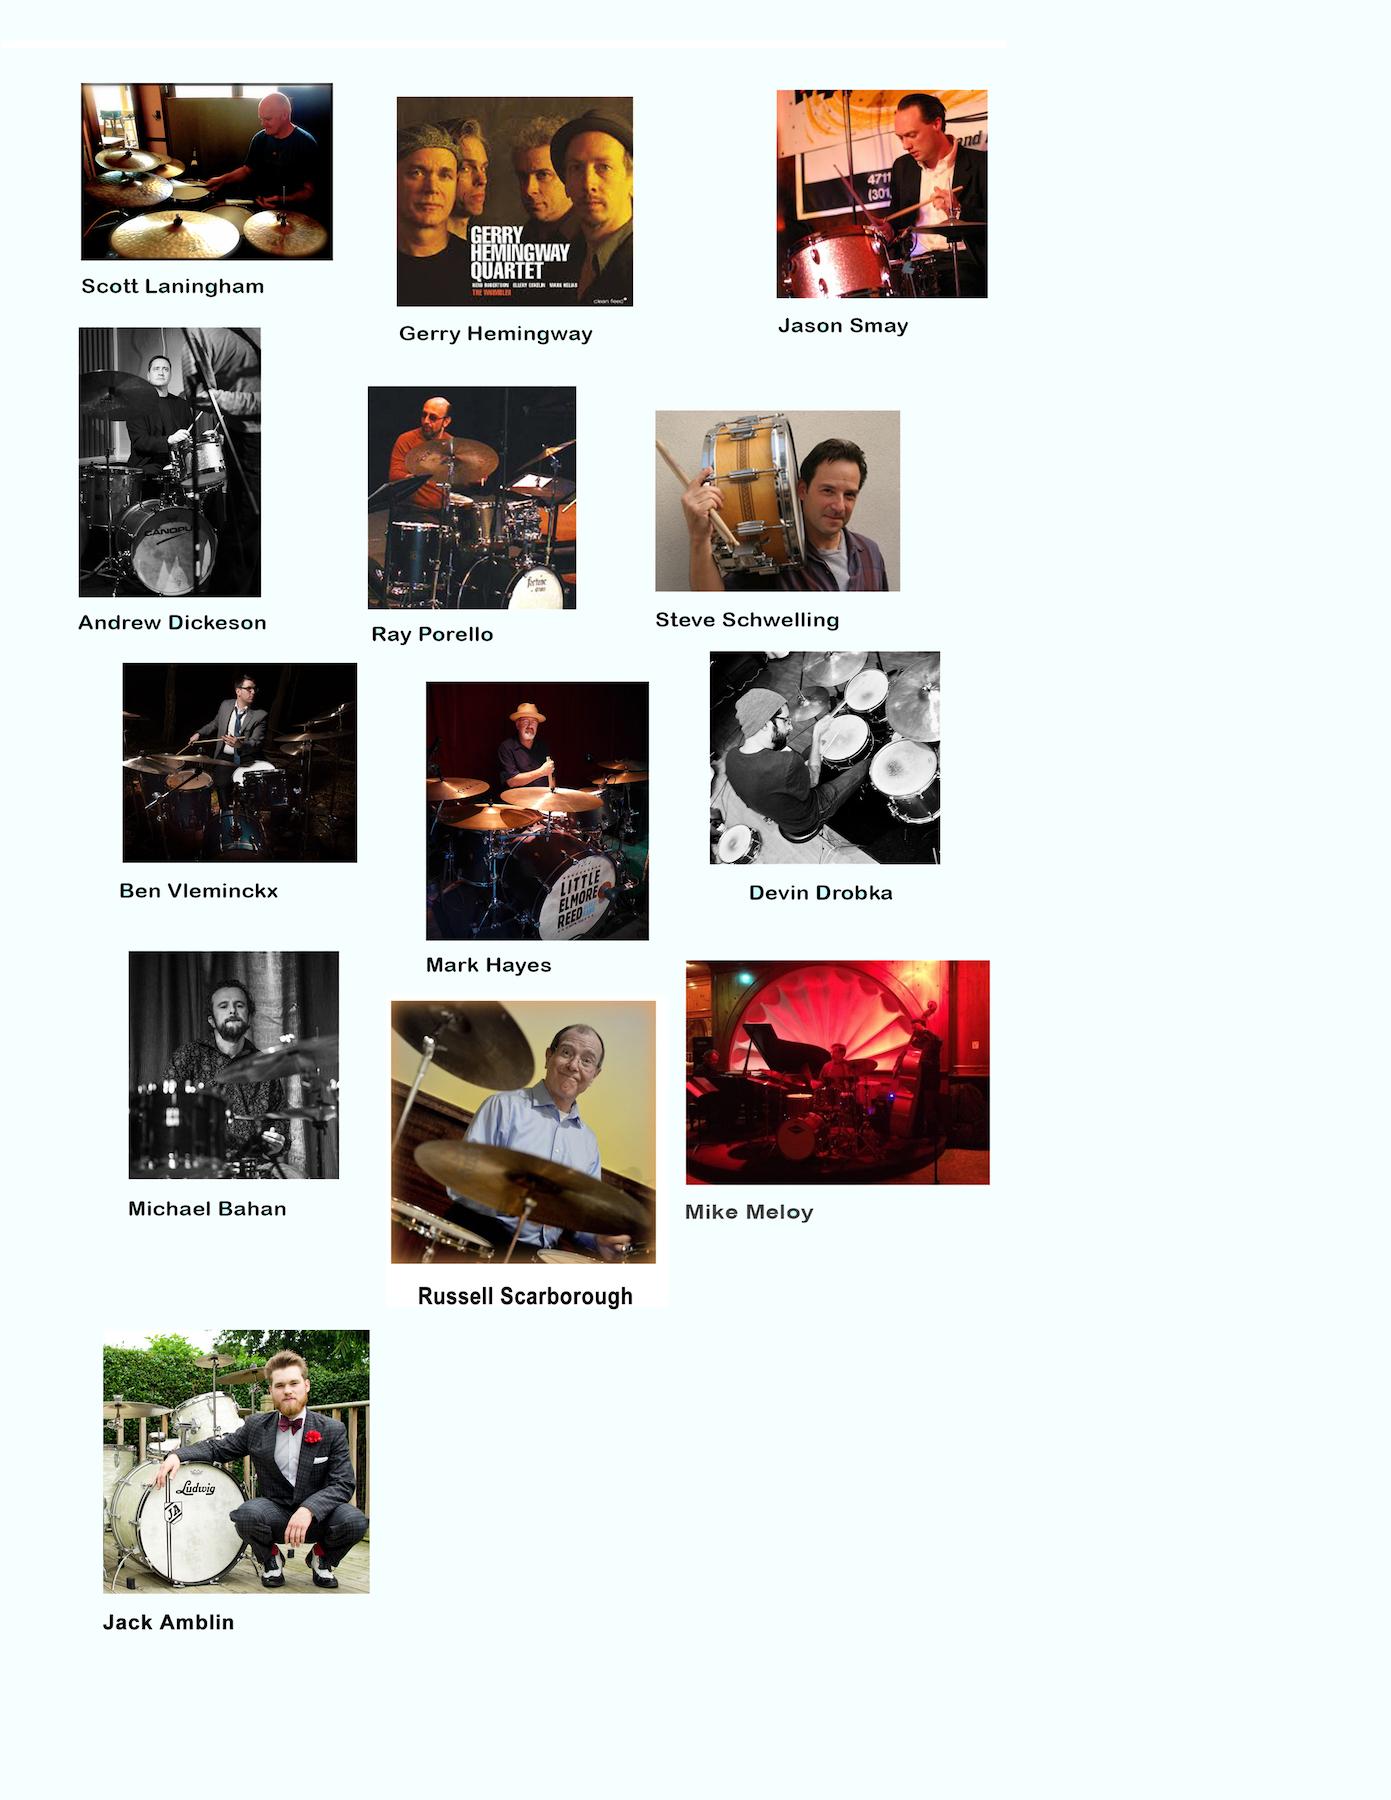 bopworks-artists-page-udatd-8-26-15-reduced.jpg